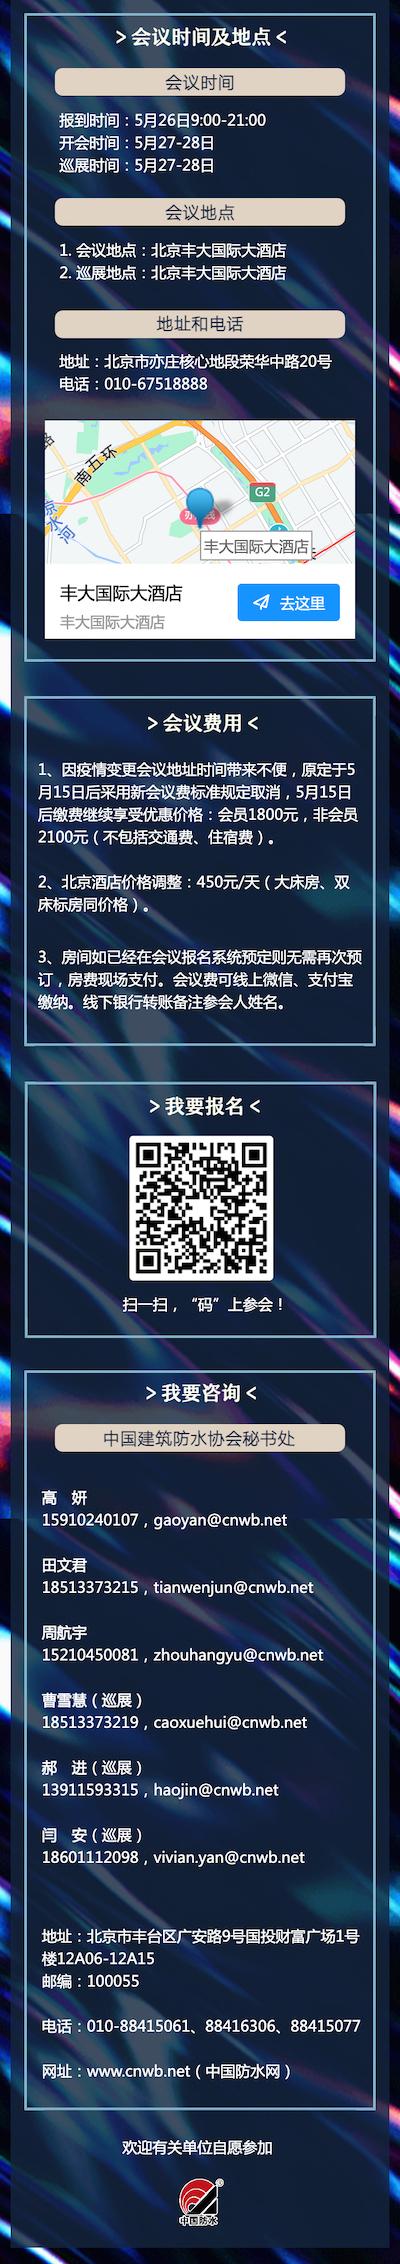 528大会•砥砺前行 向阳而生03.jpg